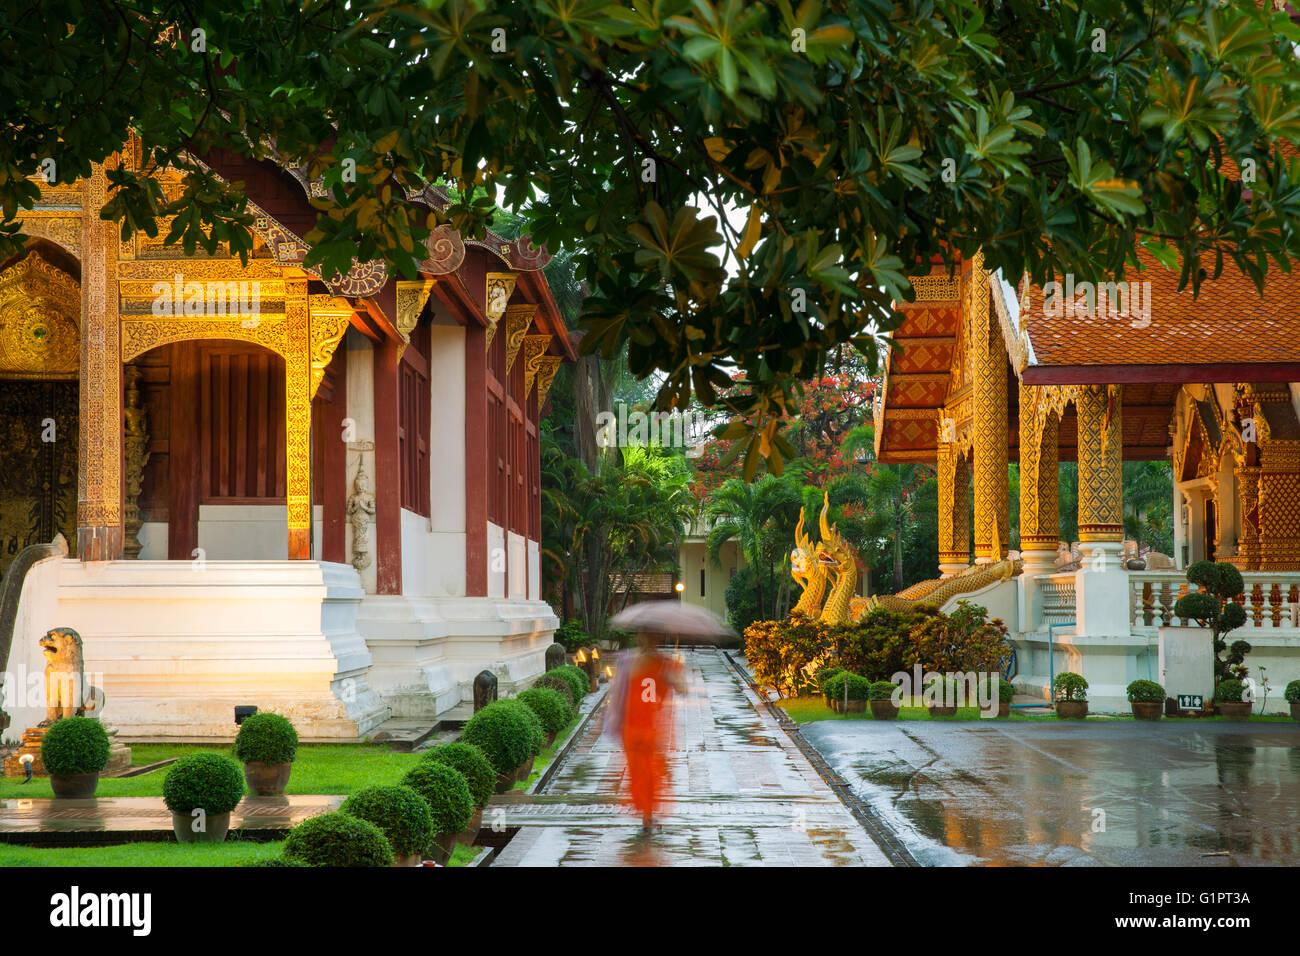 Mönch gehen unter Schirm am Wat Phra Singh Tempel, Chiang Mai, Thailand. Chiang Mai's am meisten verehrten Stockbild